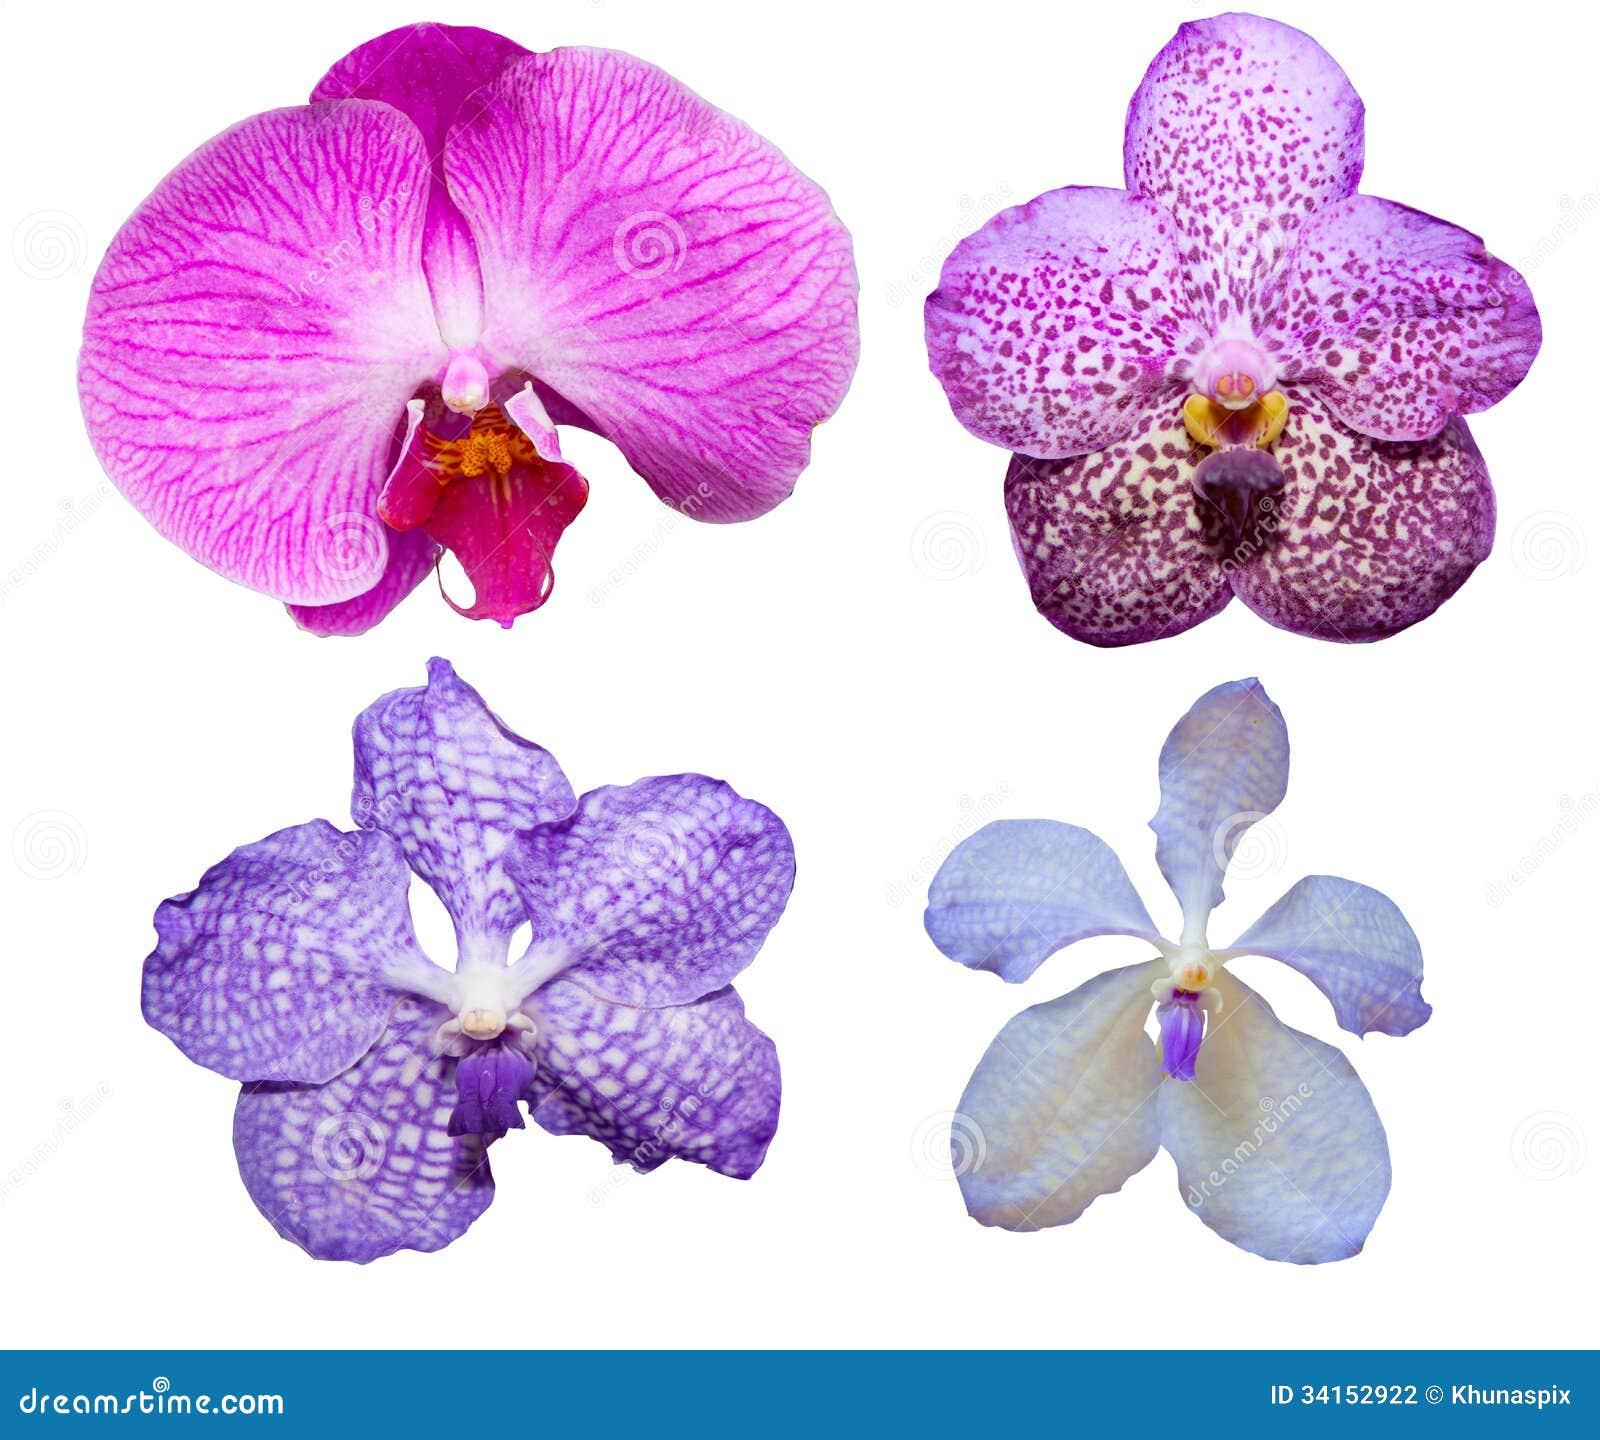 couleur tropicale et sorte de vari t s de fleur d 39 orchid e d 39 isolement sur le petit morceau. Black Bedroom Furniture Sets. Home Design Ideas